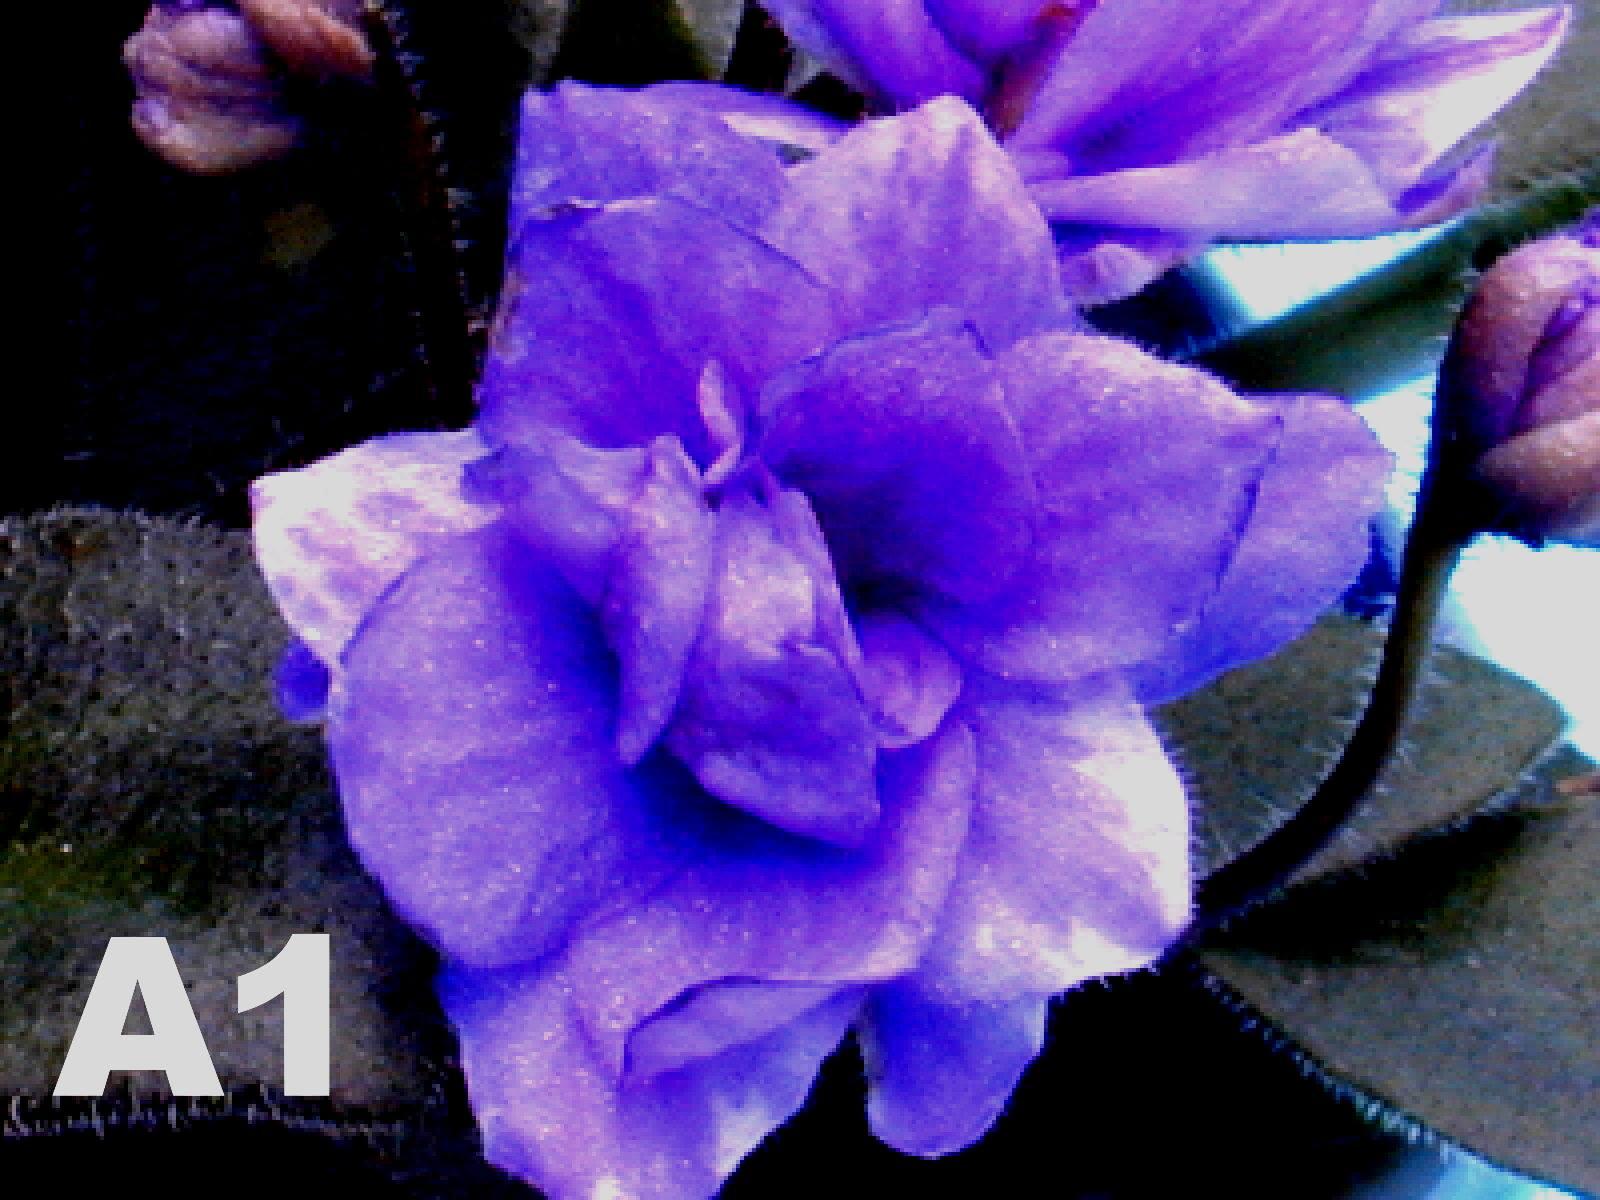 非洲紫羅蘭名錄 | African Violets Catalogue - A系列 A1